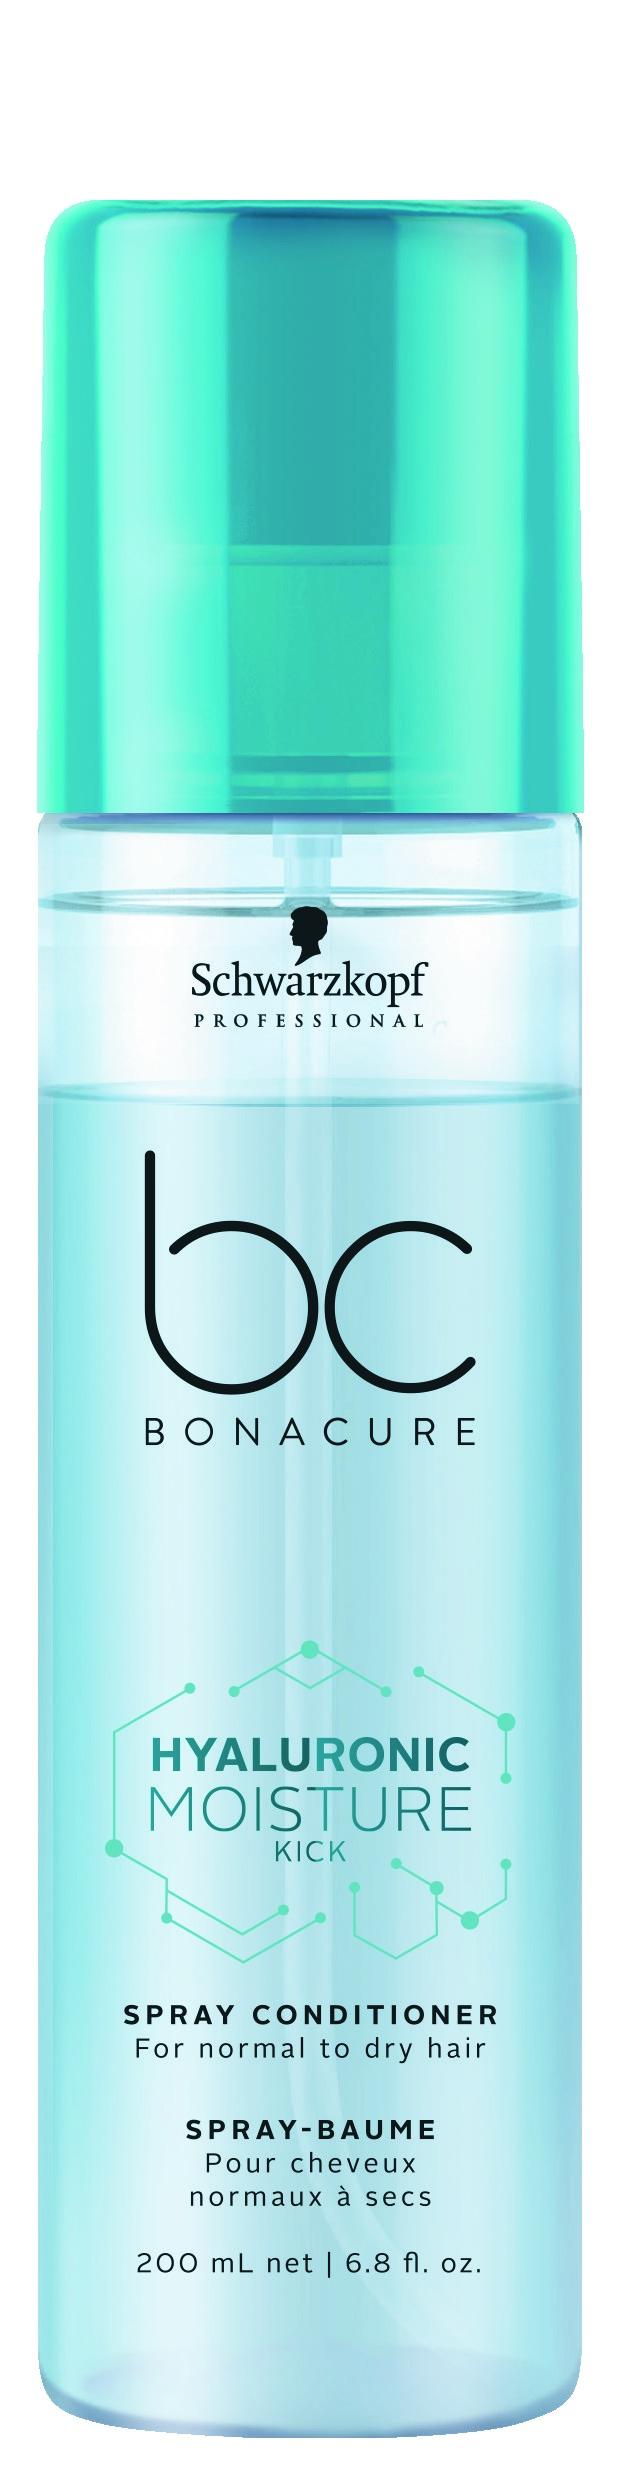 Schwarzkopf Hyaluronic Moisture Kick Spray Conditioner